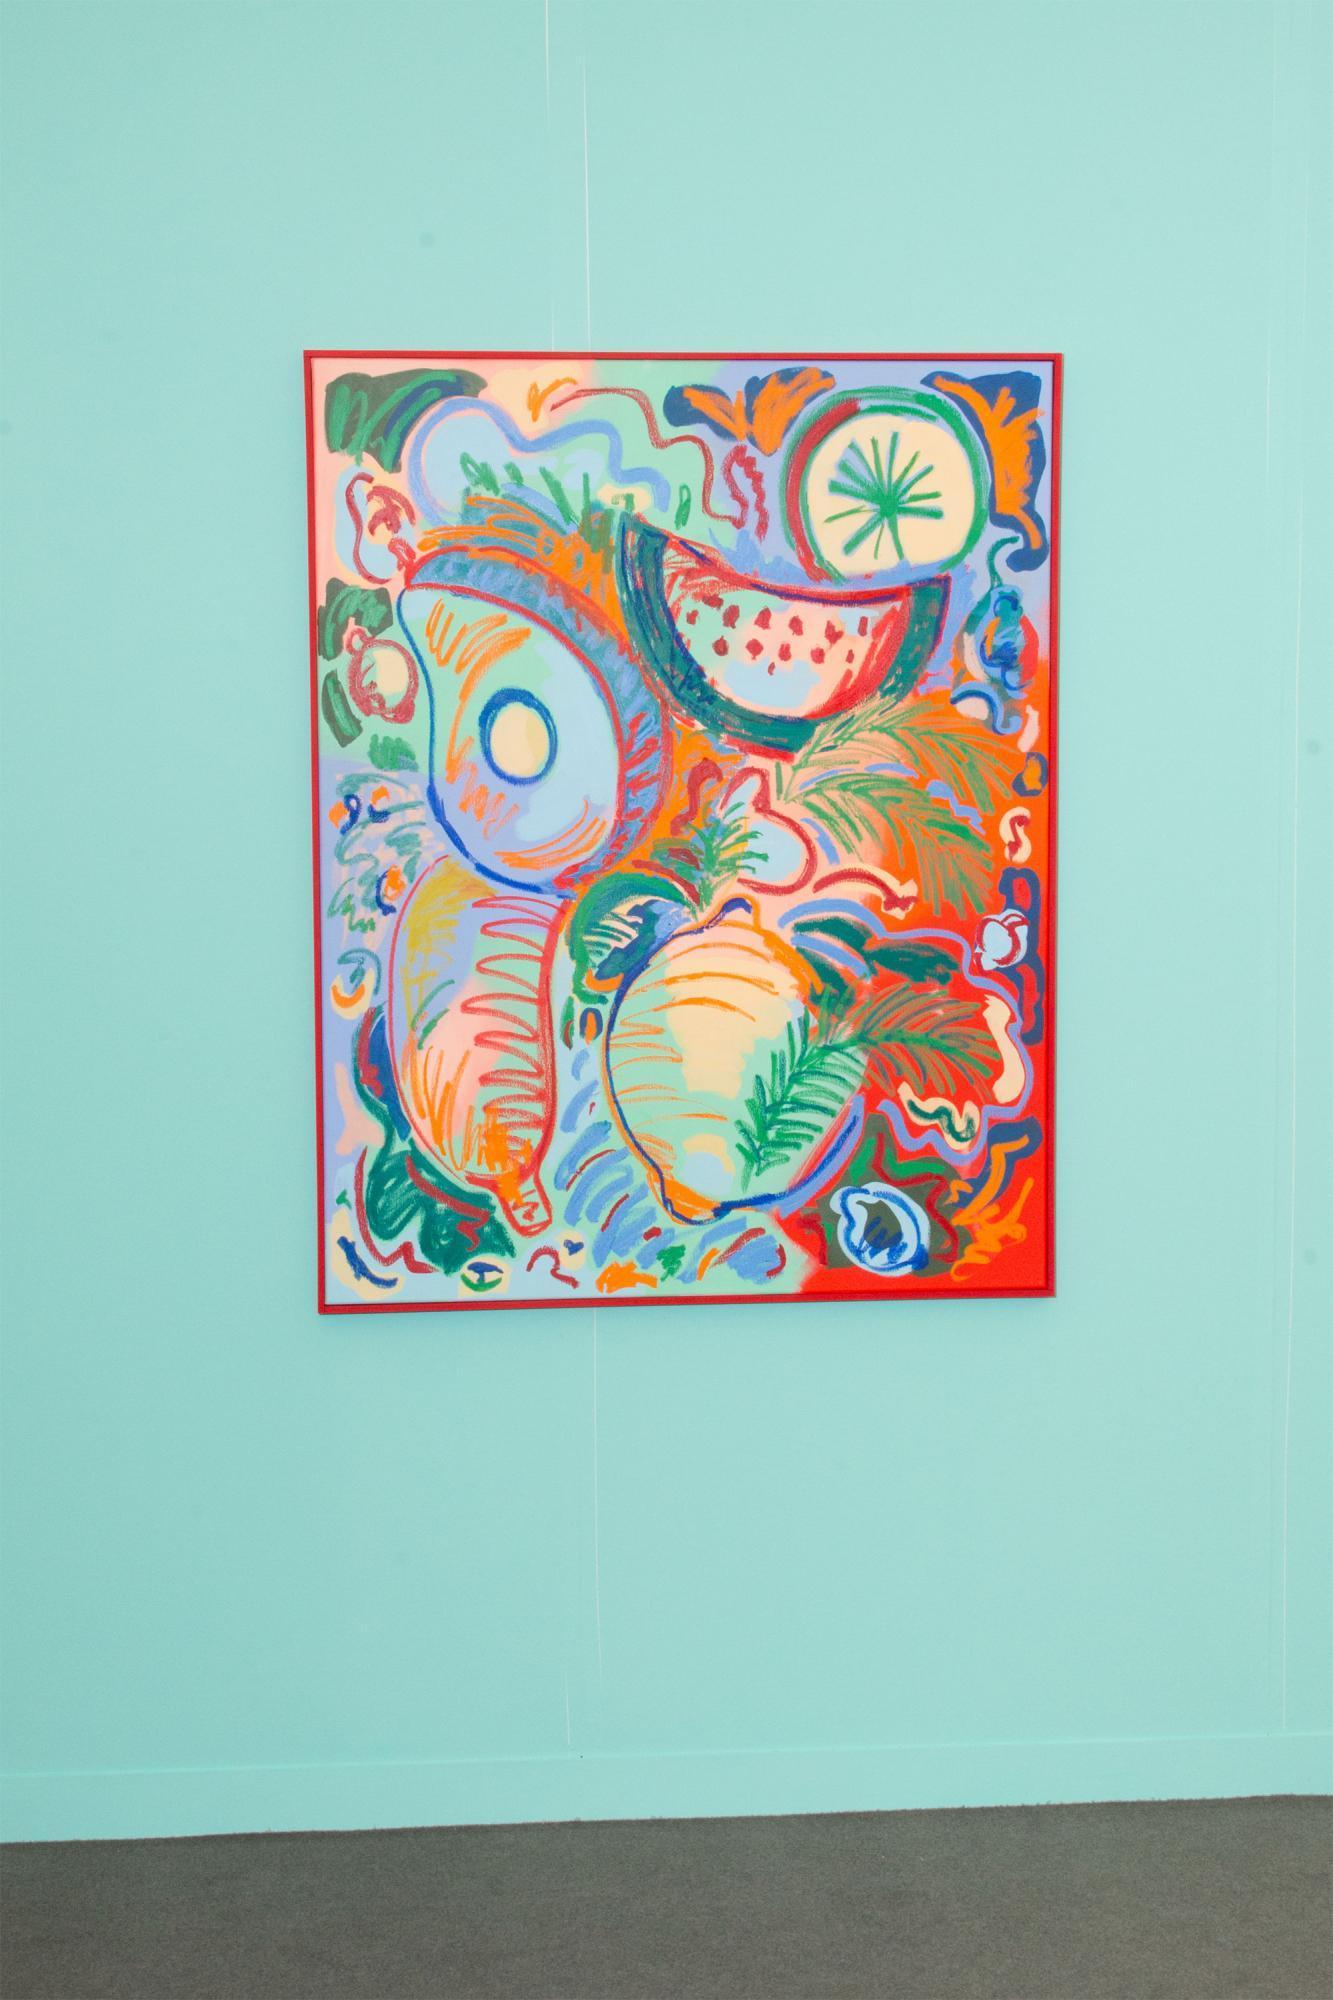 Sol Calero at Laura Bartlett Gallery